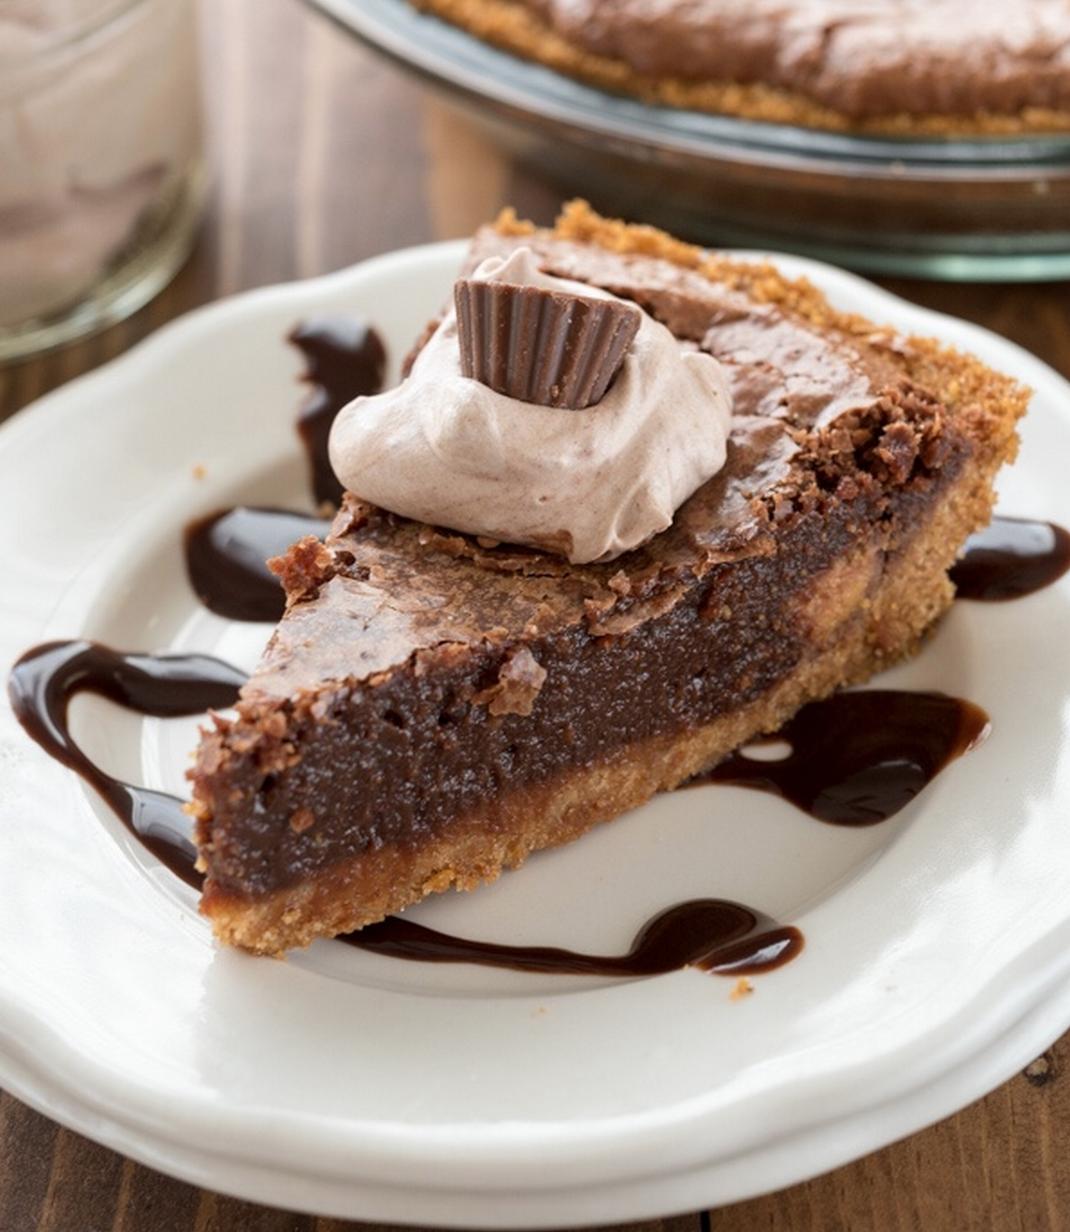 Chocolate Chess Pie with Graham Cracker Crust